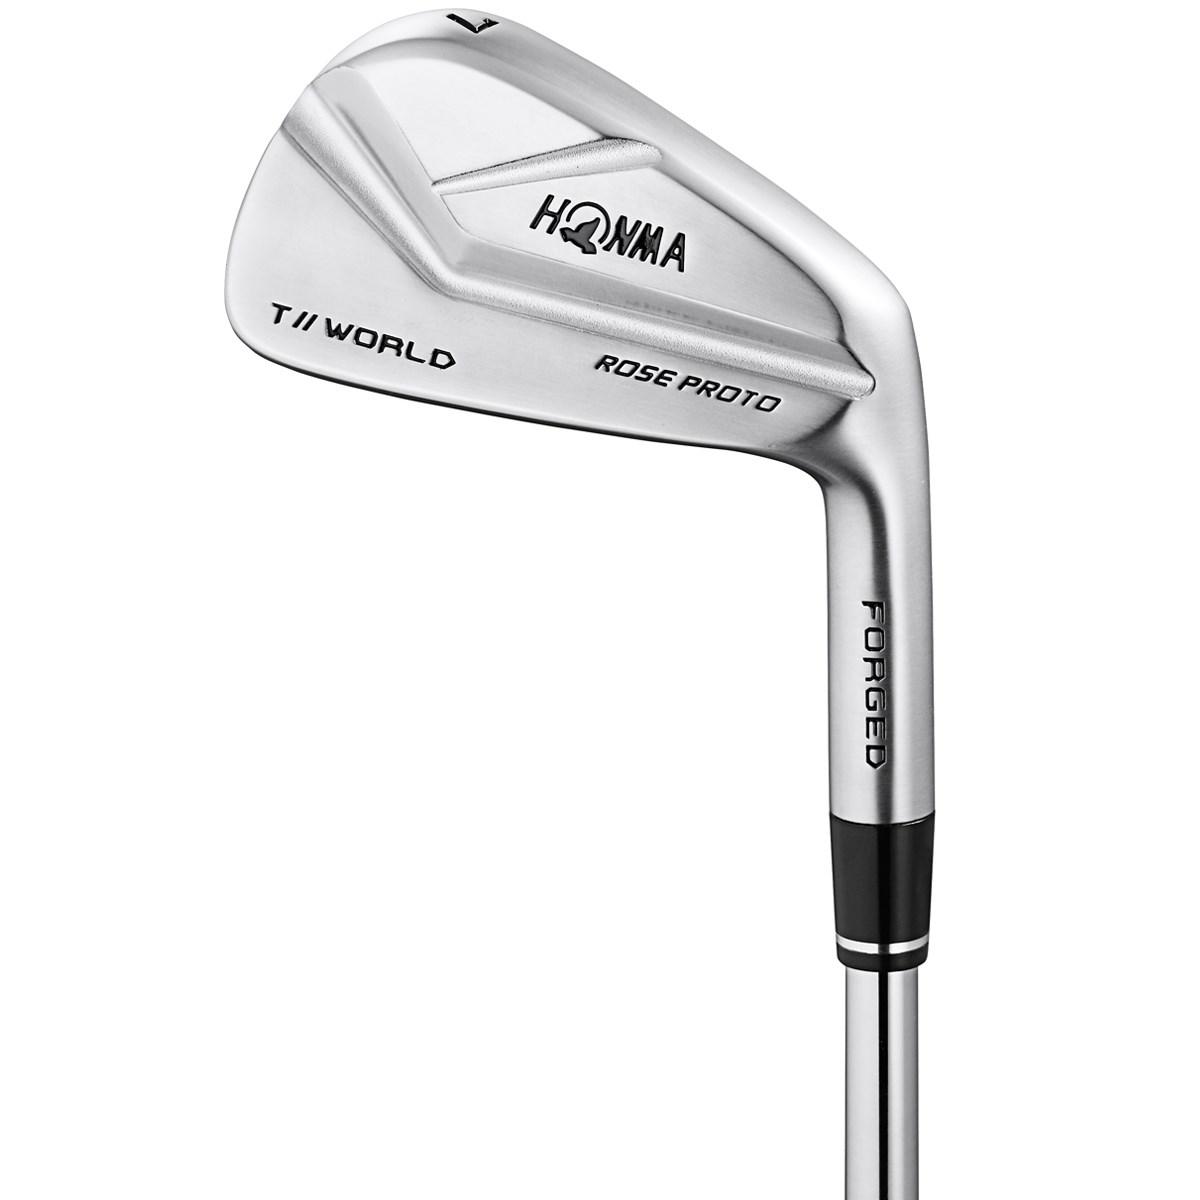 本間ゴルフ(HONMA GOLF) ツアーワールド TW-MB ROSE PROTO アイアン(6本セット) ダイナミックゴールド